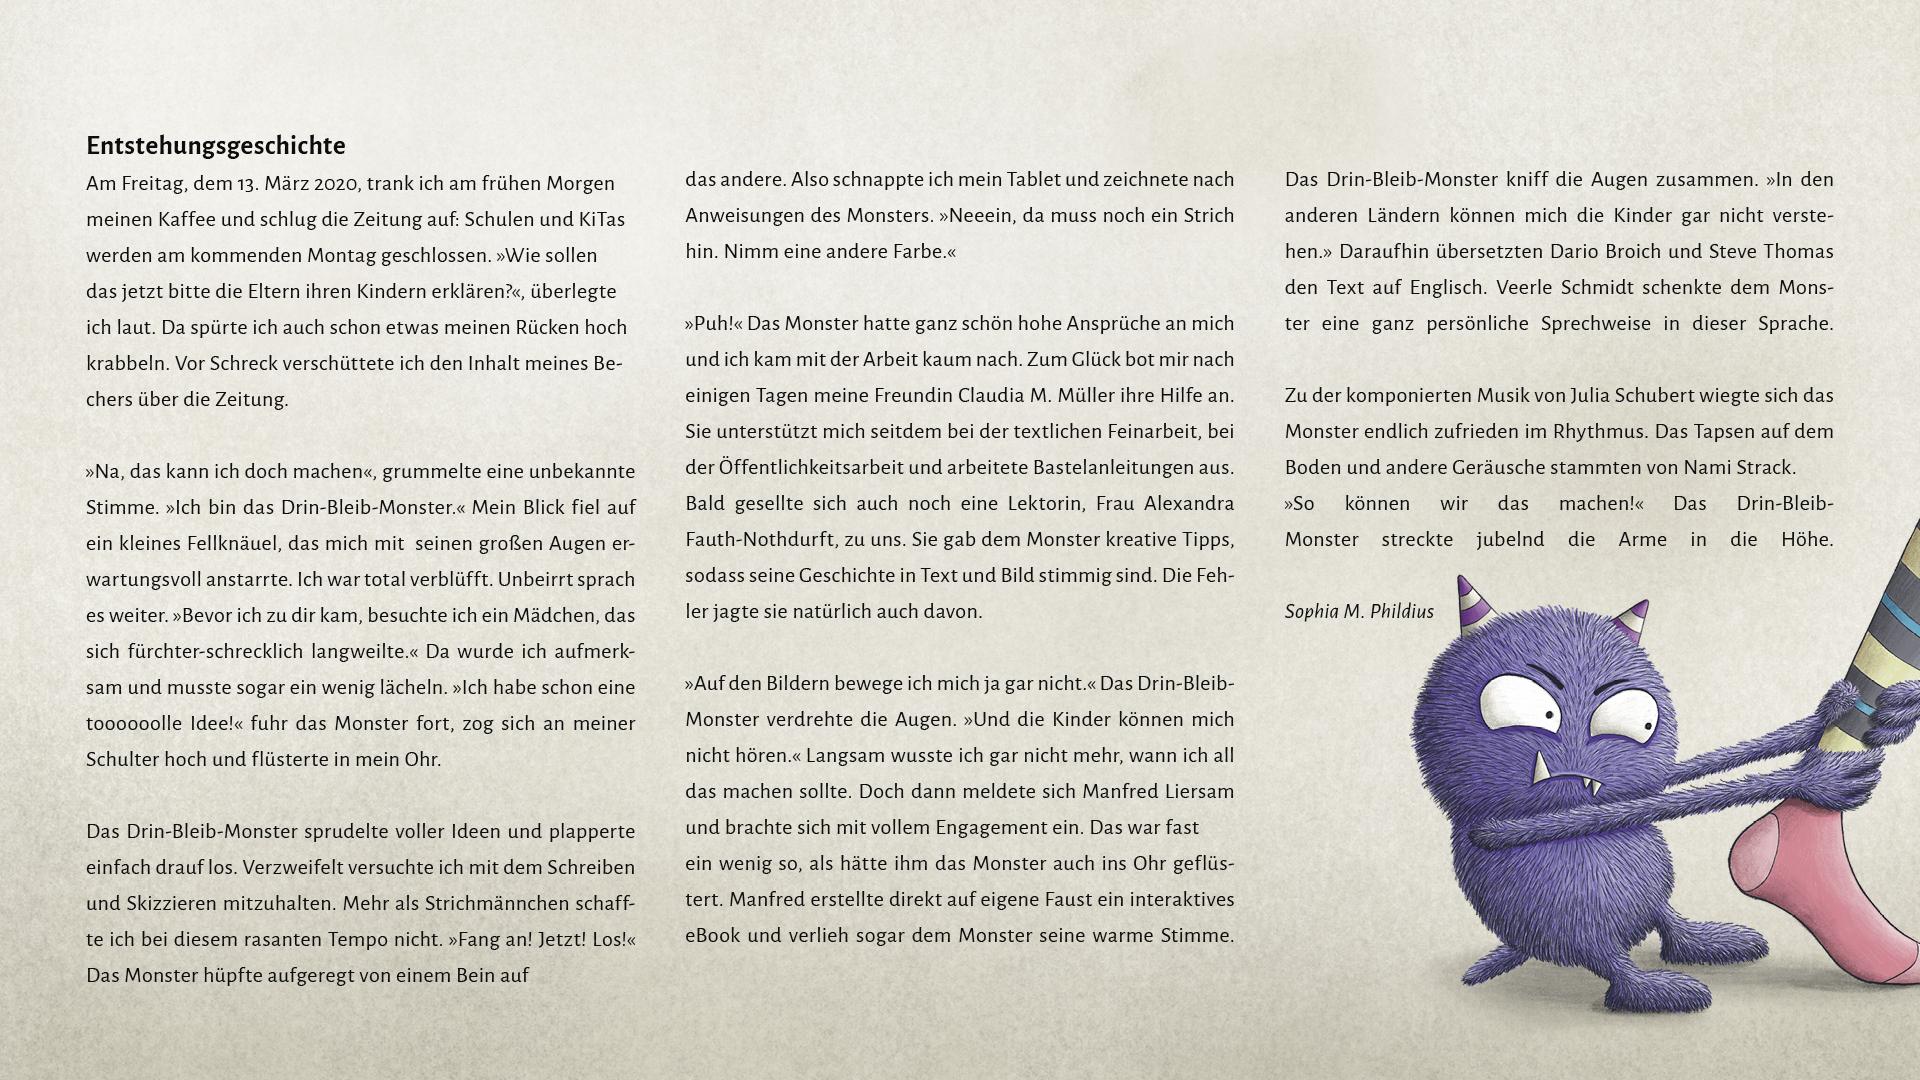 Seite 27 - 28 Entstehungsgeschichte